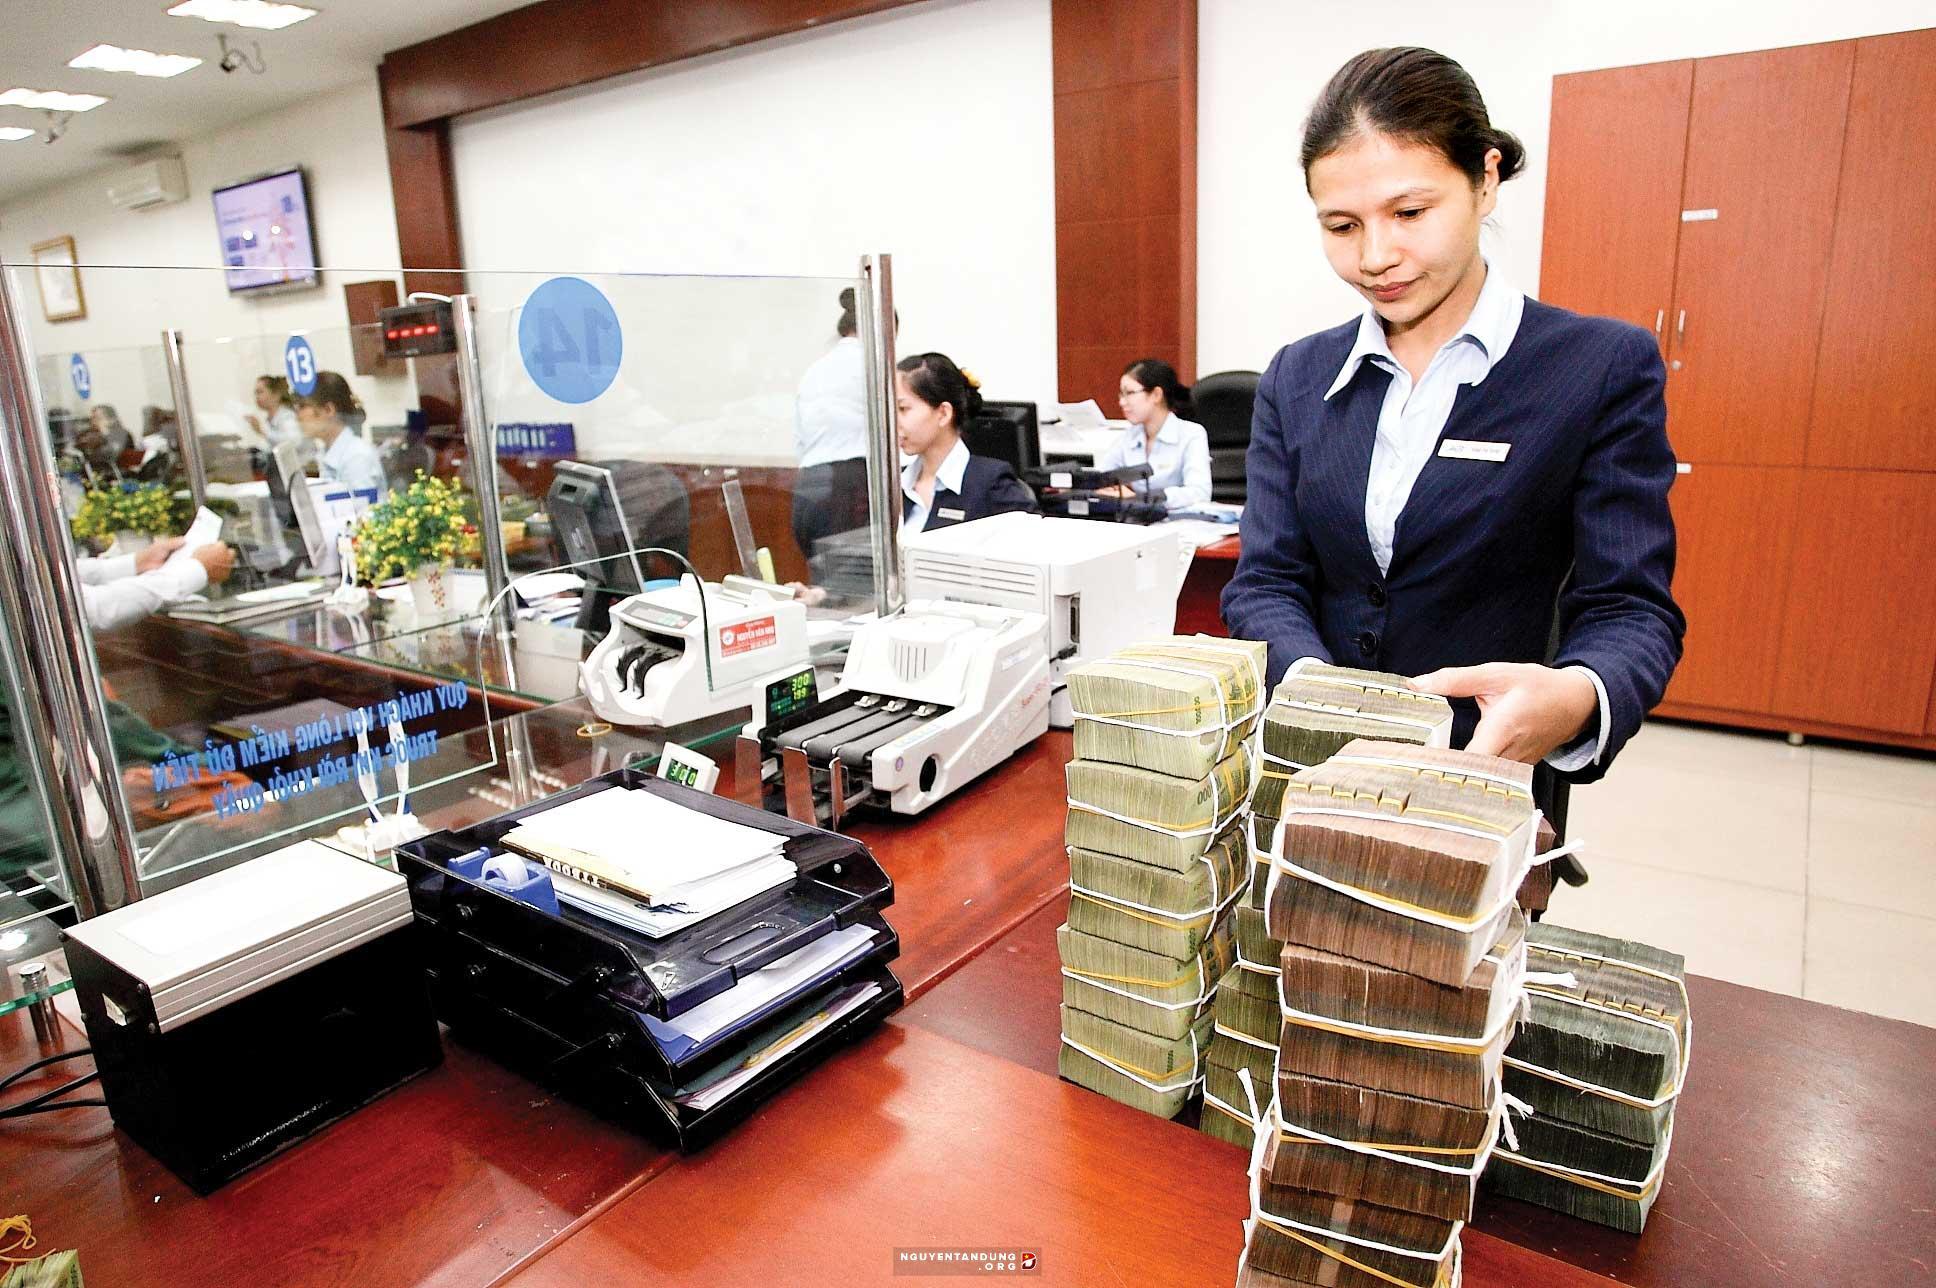 6 Điều kiện để trở thành một nhân viên ngân hàng giỏi